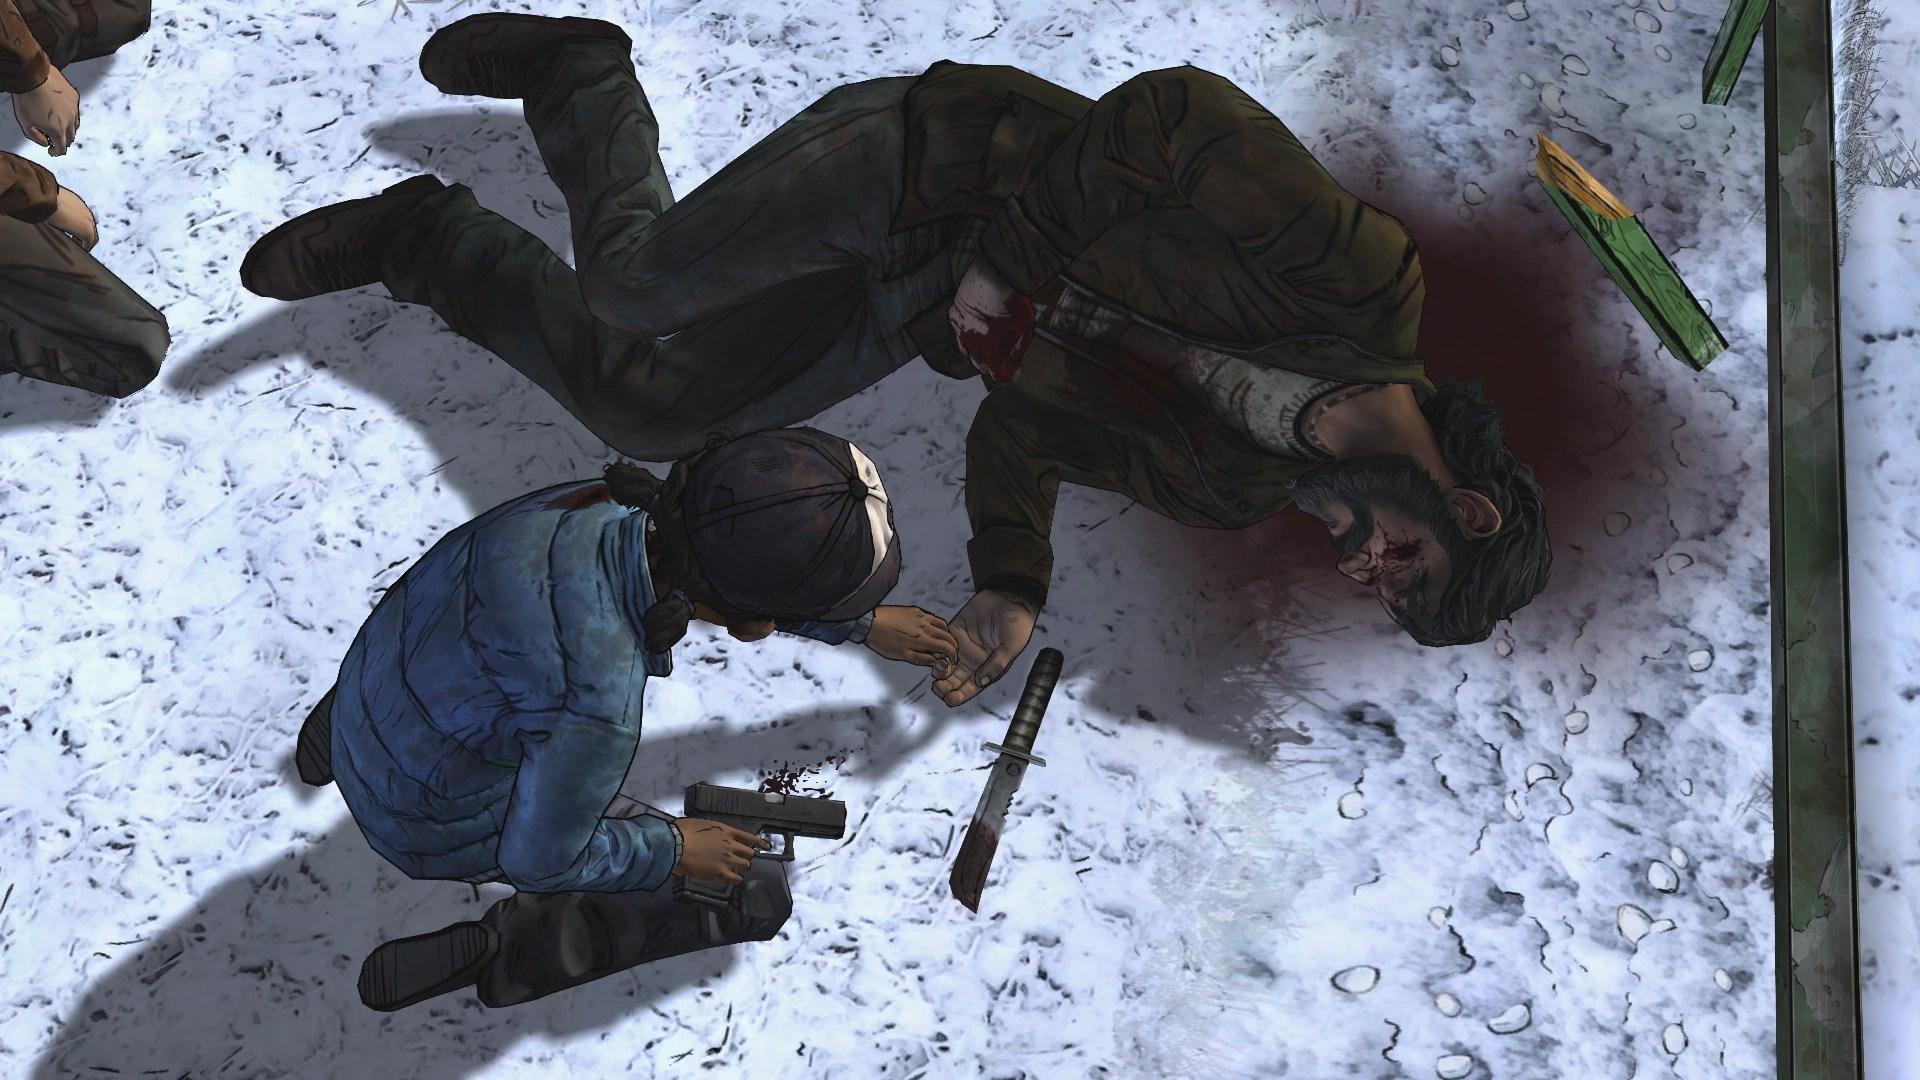 Kenny Video Game  Walking Dead Wiki  FANDOM powered by Wikia